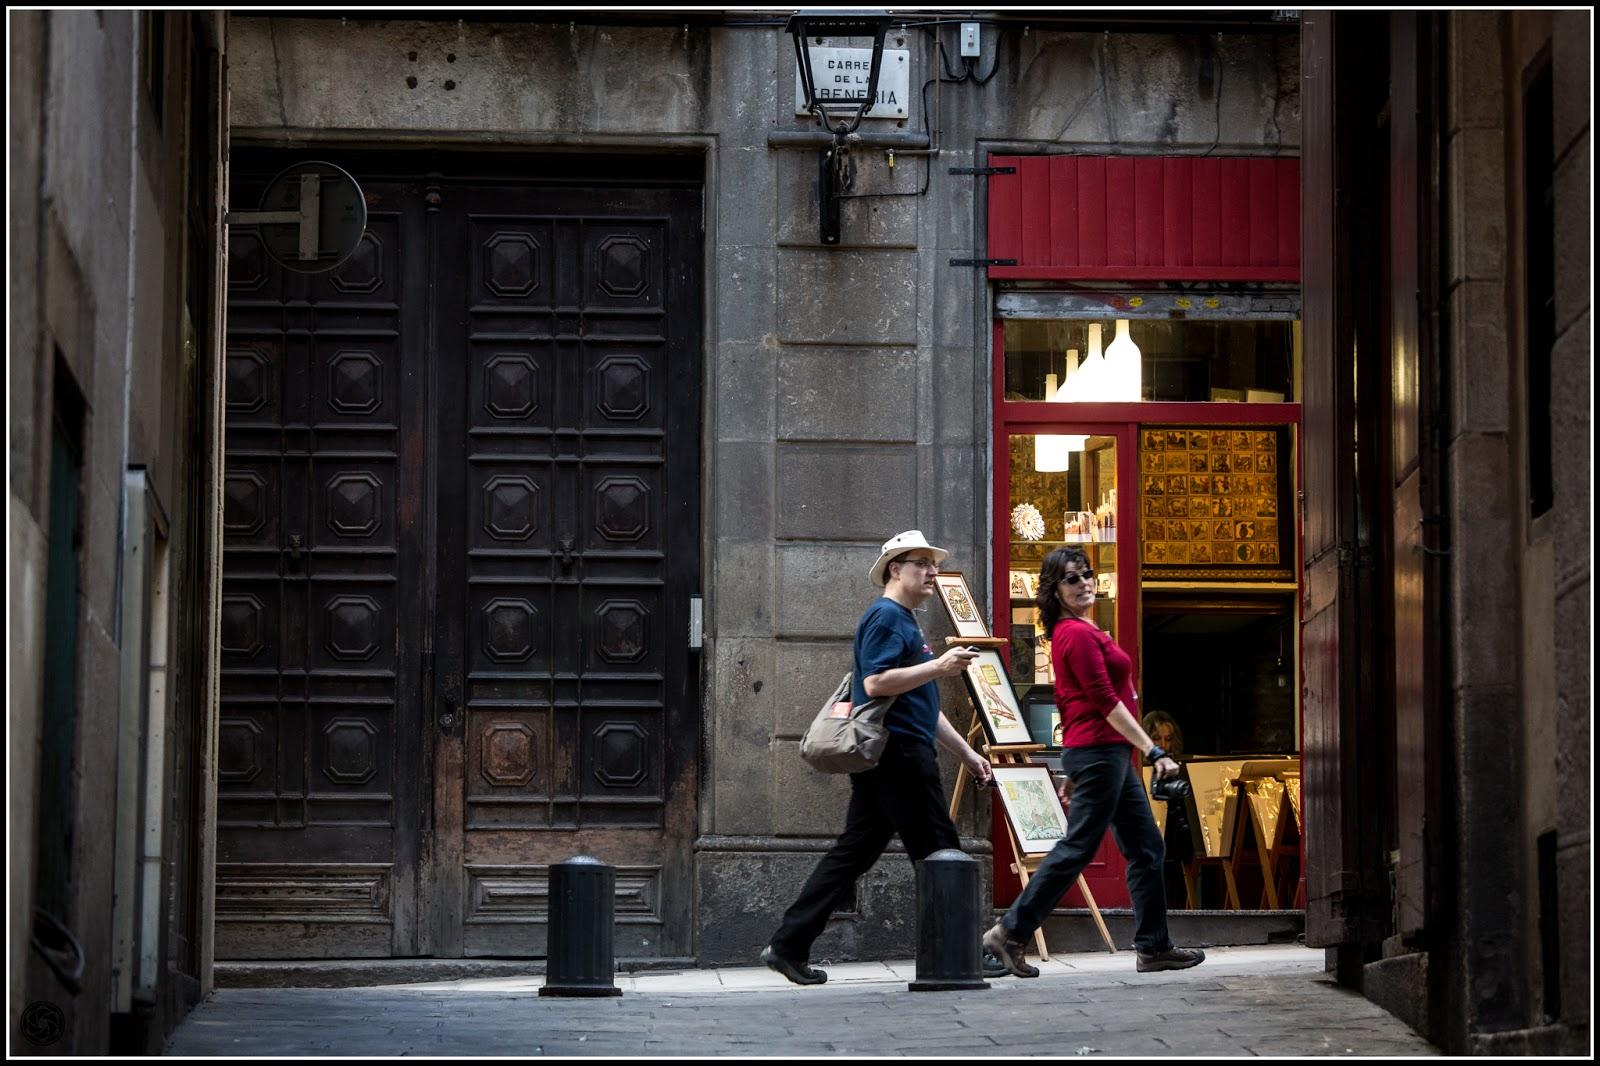 Barcelona, Barrio Gótico: Trampantojo - Encañonada